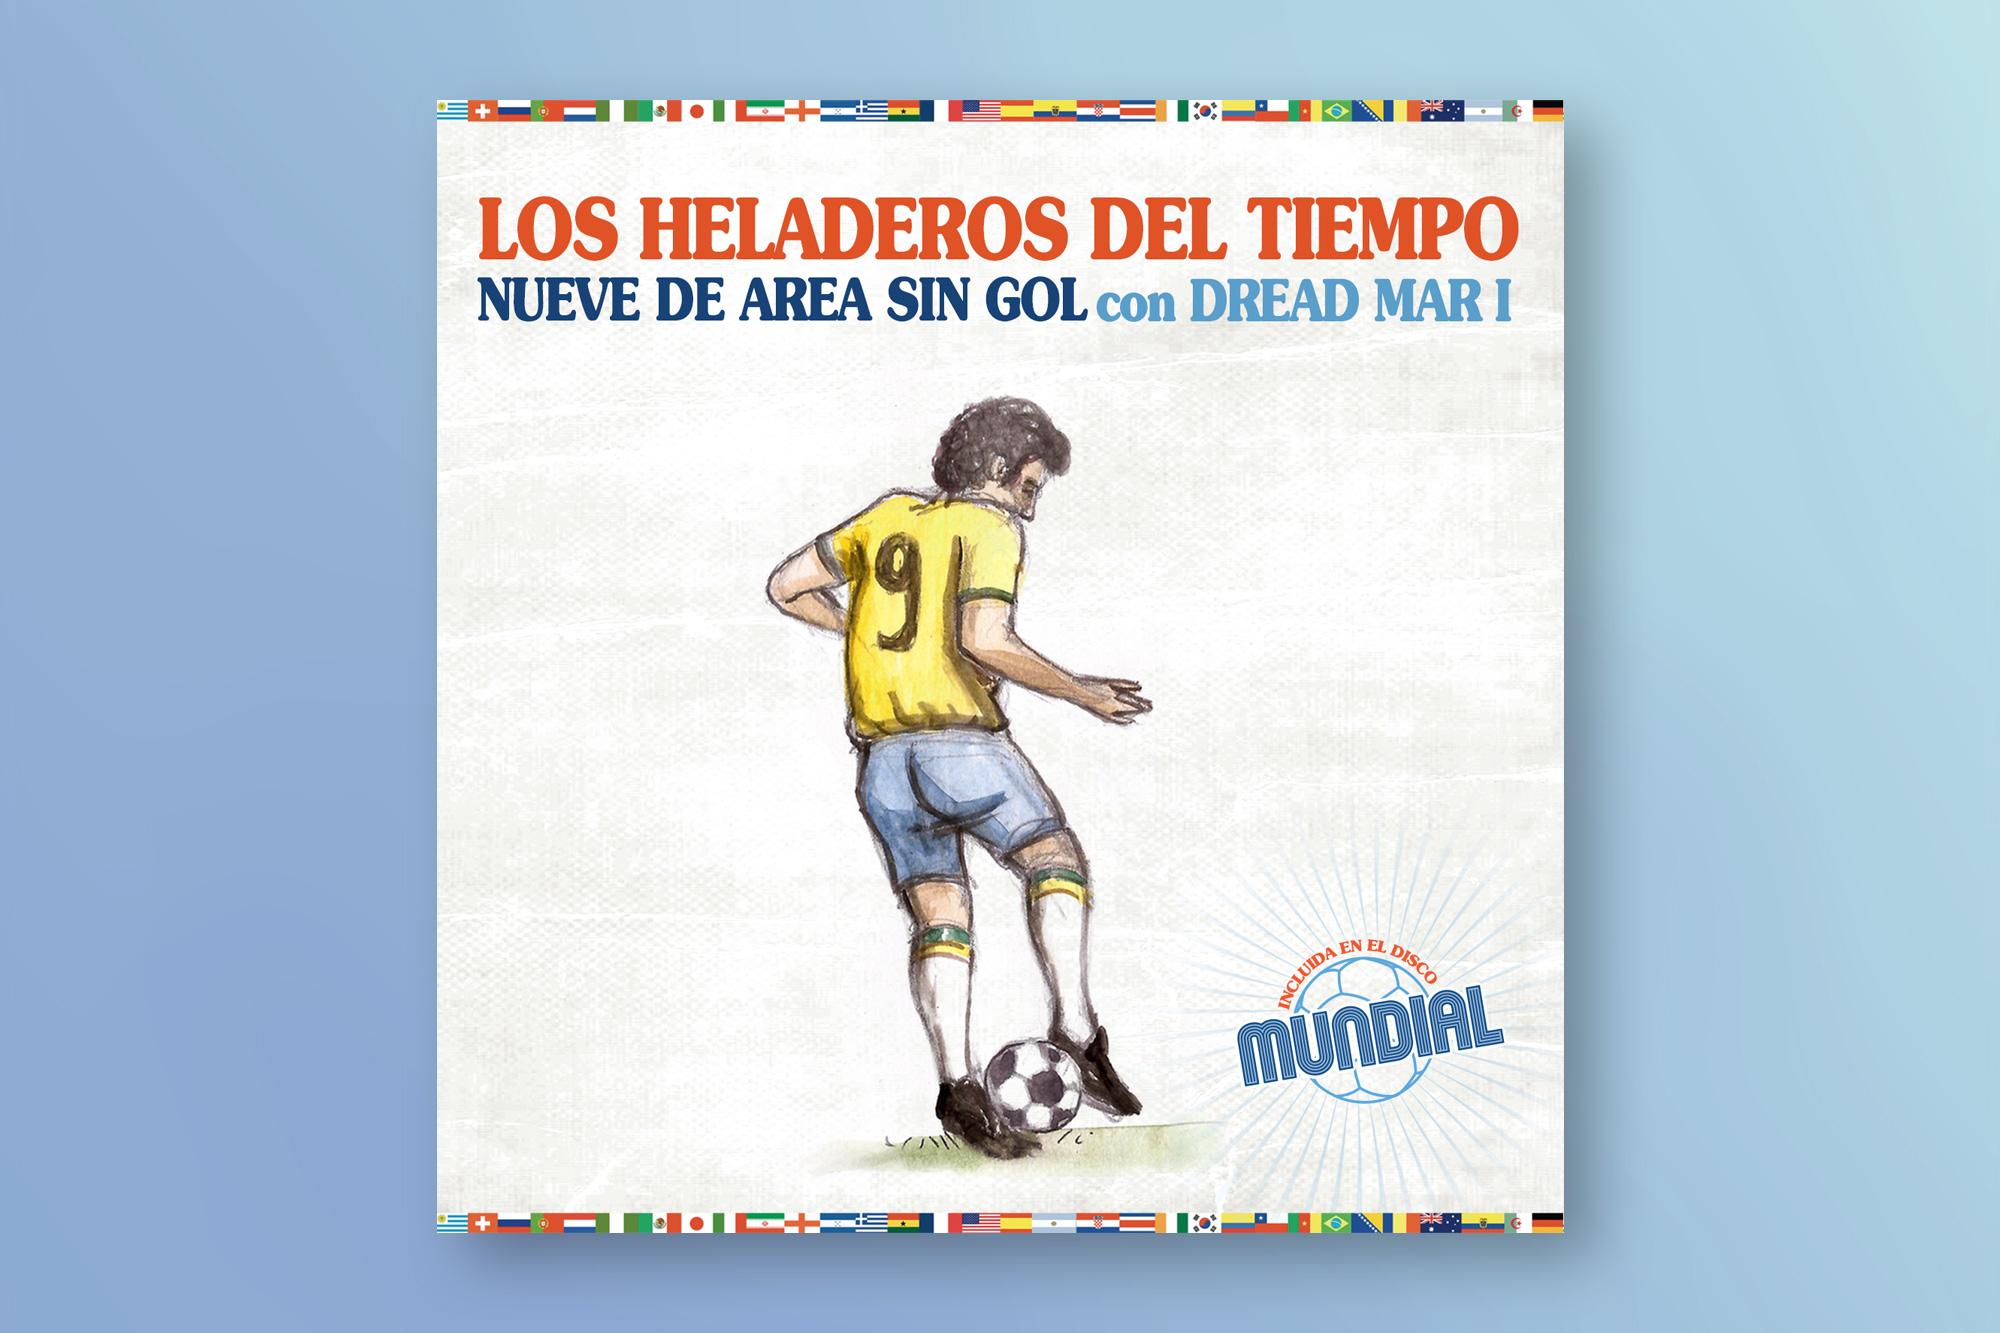 LOS-HELADEROS-DEL-TIEMPO-EP-PROMO-MUNDIAL-2014-BACK